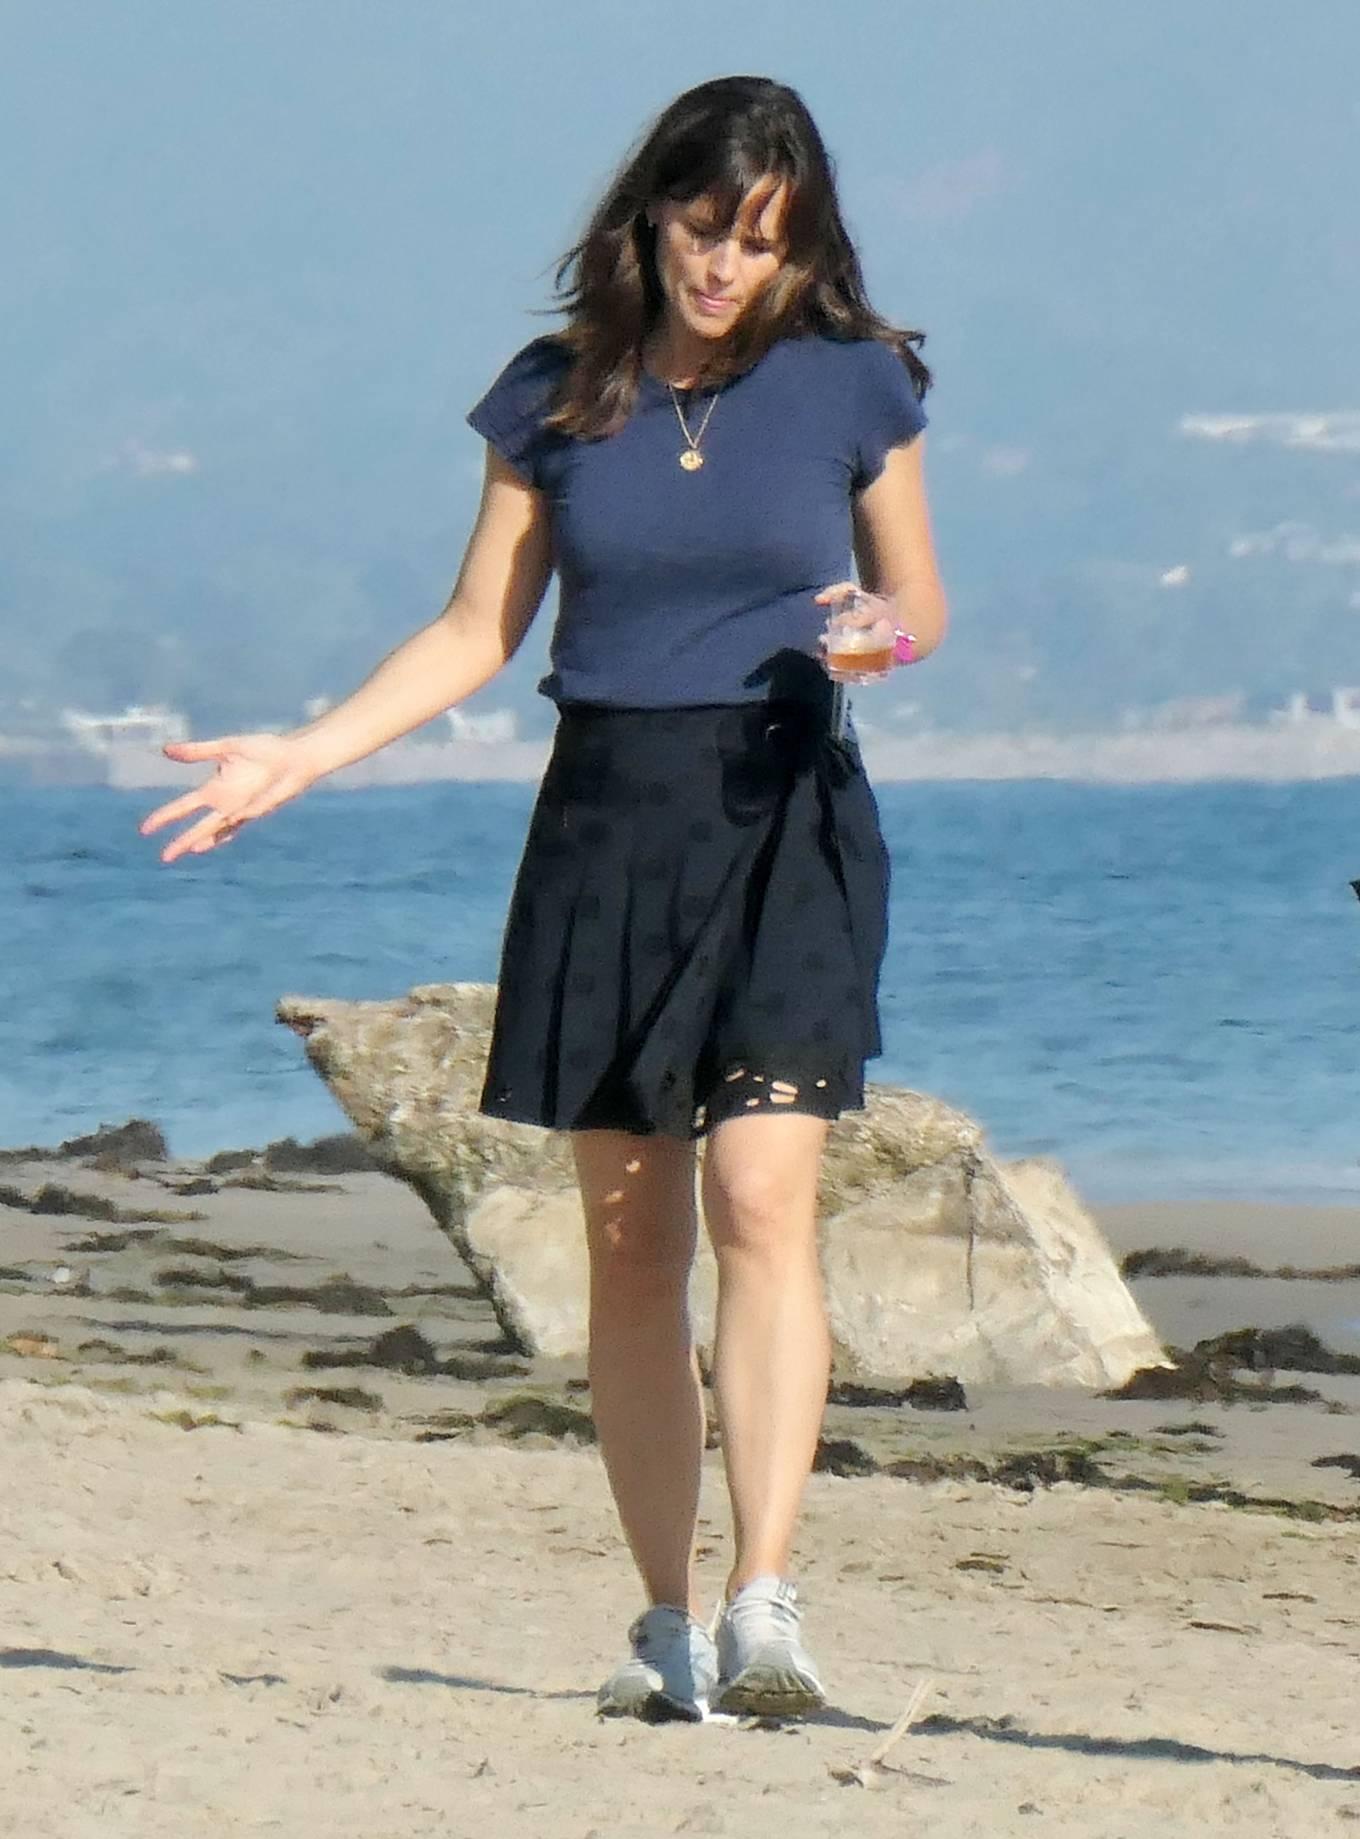 Jennifer Garner - Fashion photoshoot candids on the beach in Santa Barbara